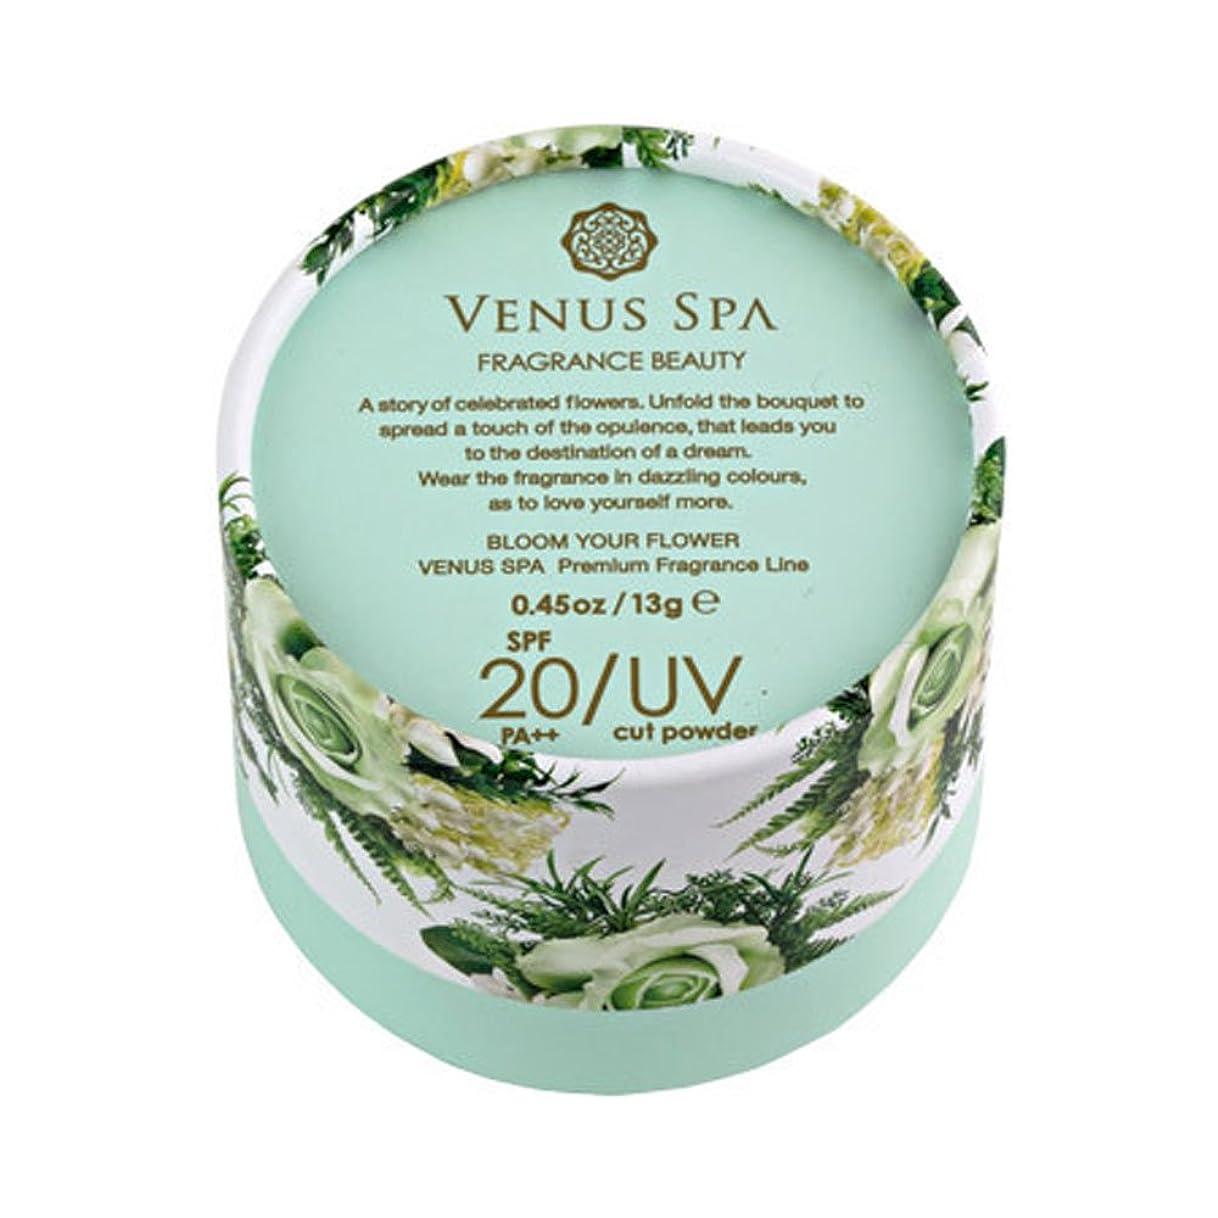 結論国際香水ヴィーナススパ フレグランスUVカットパウダー ガーデンマリアージュ